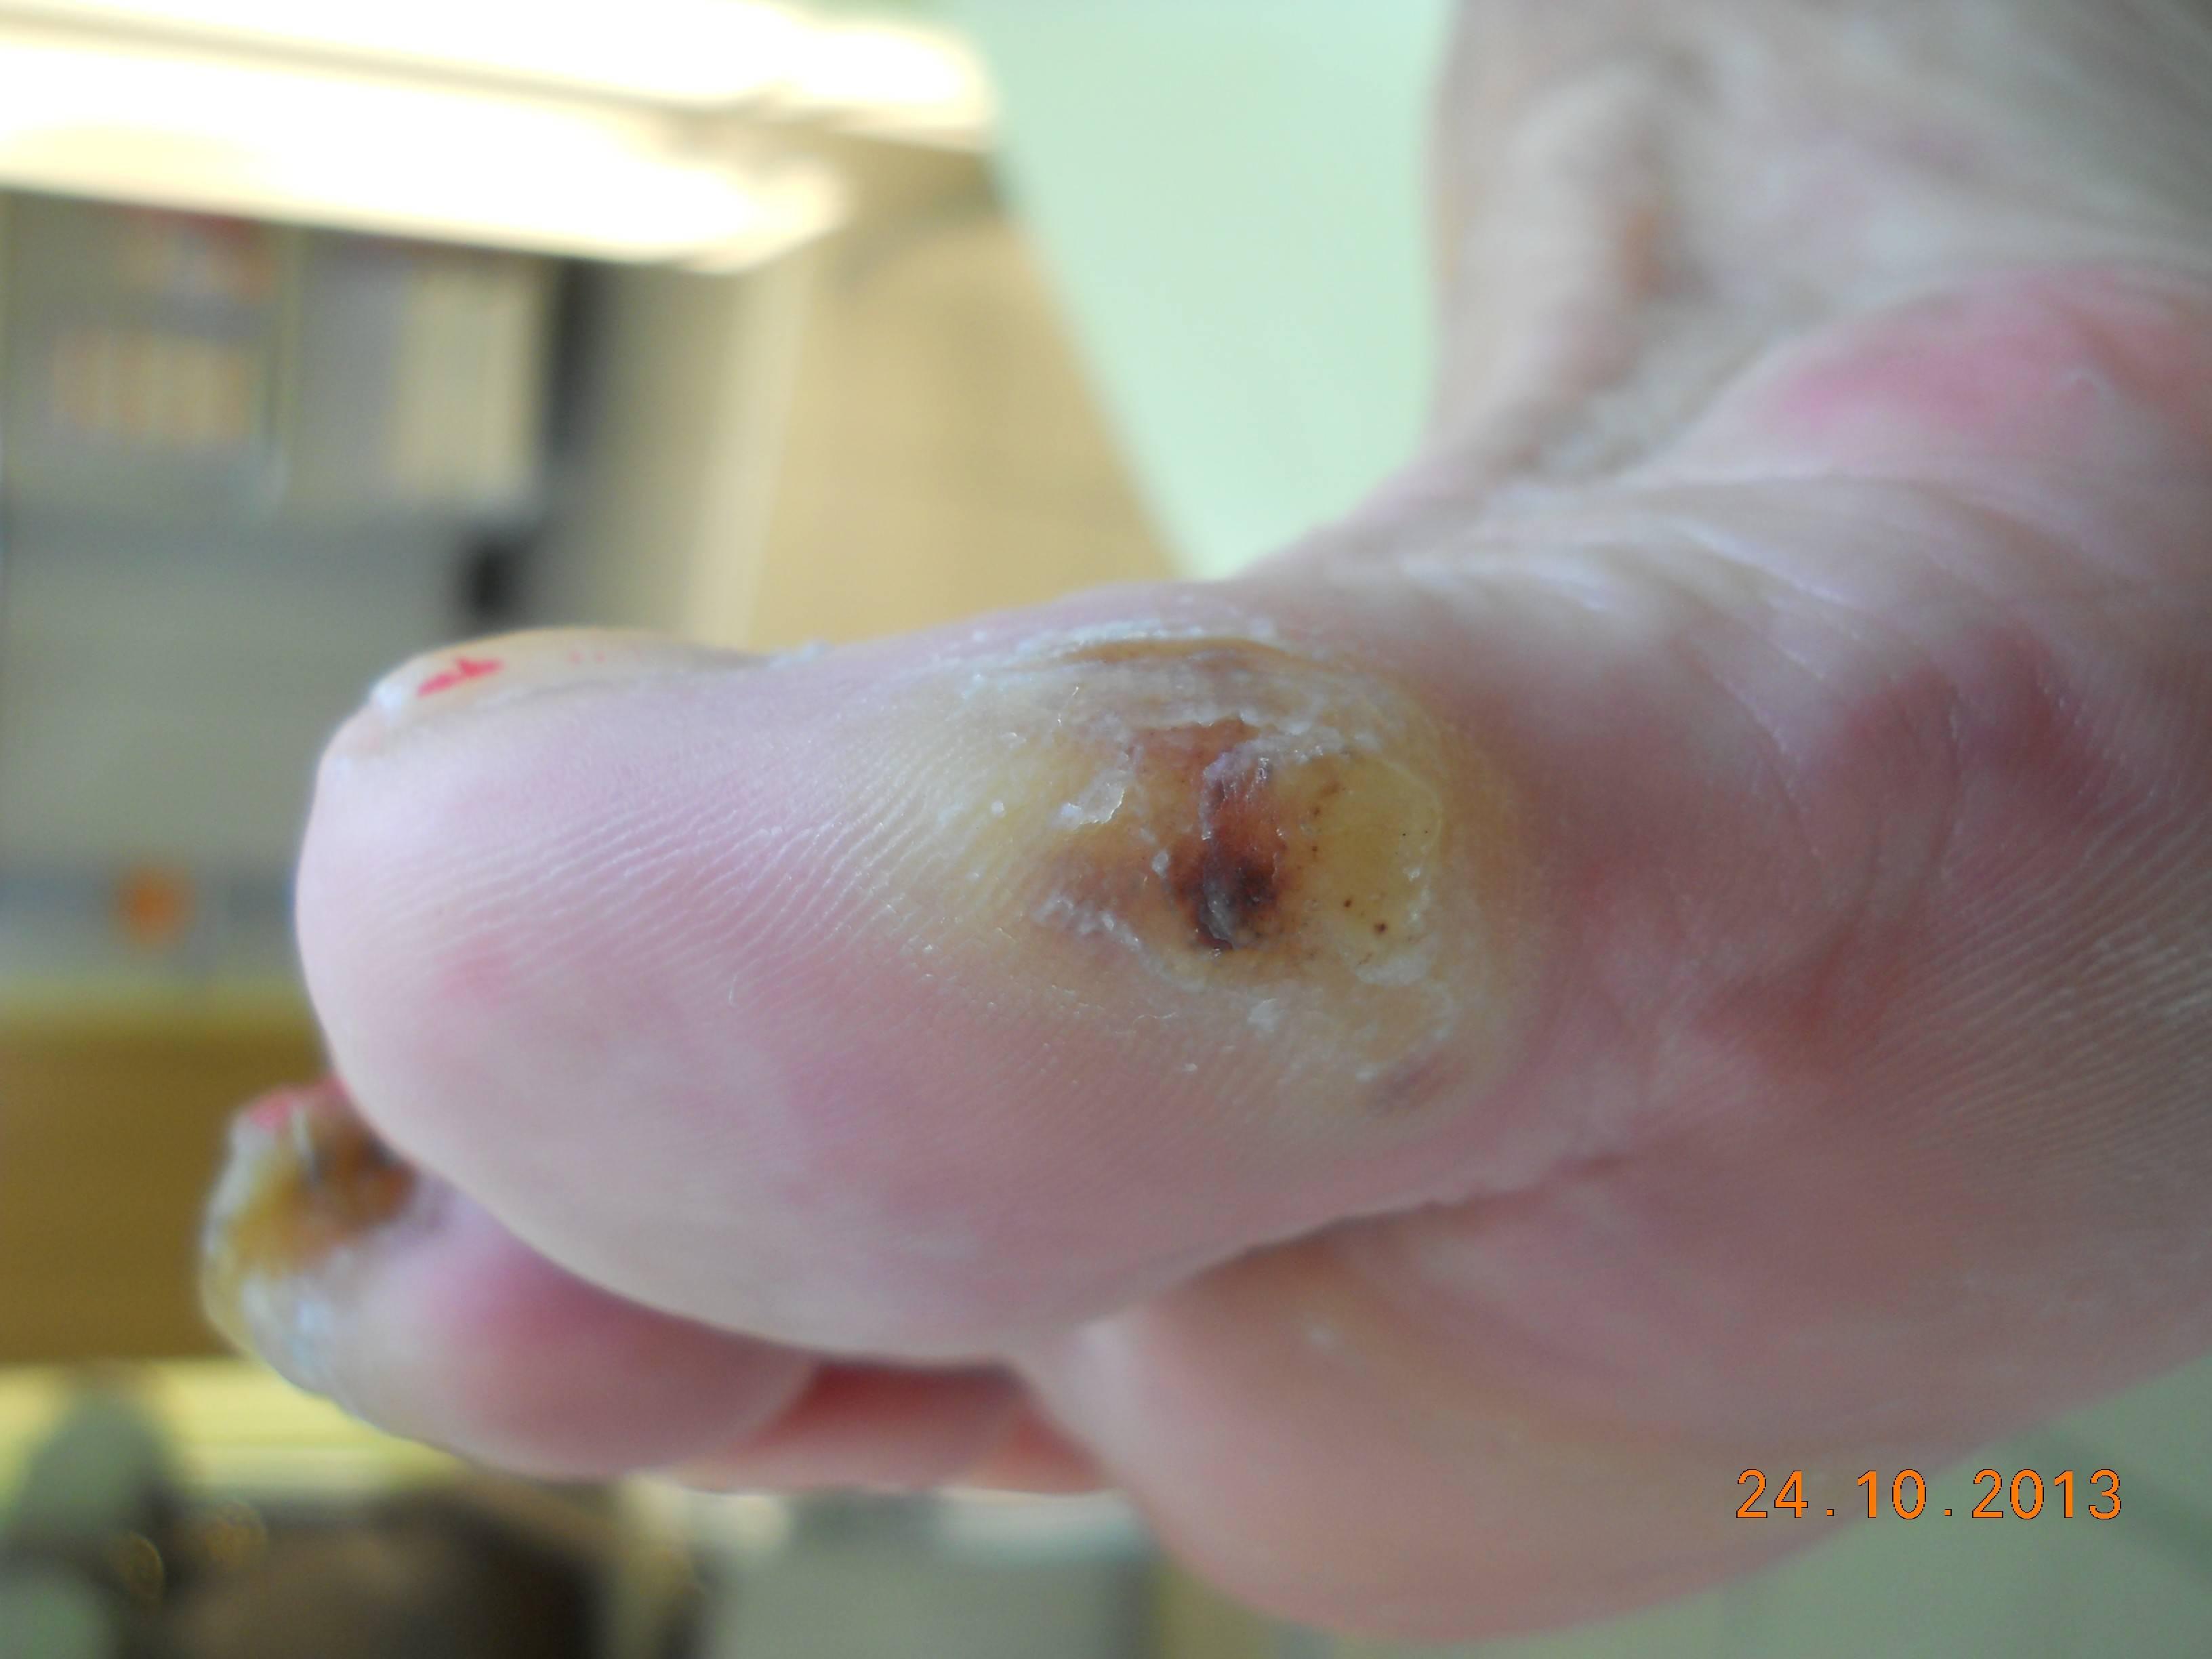 krwiak śródtkankowy w ZSC - przed zabiegiem